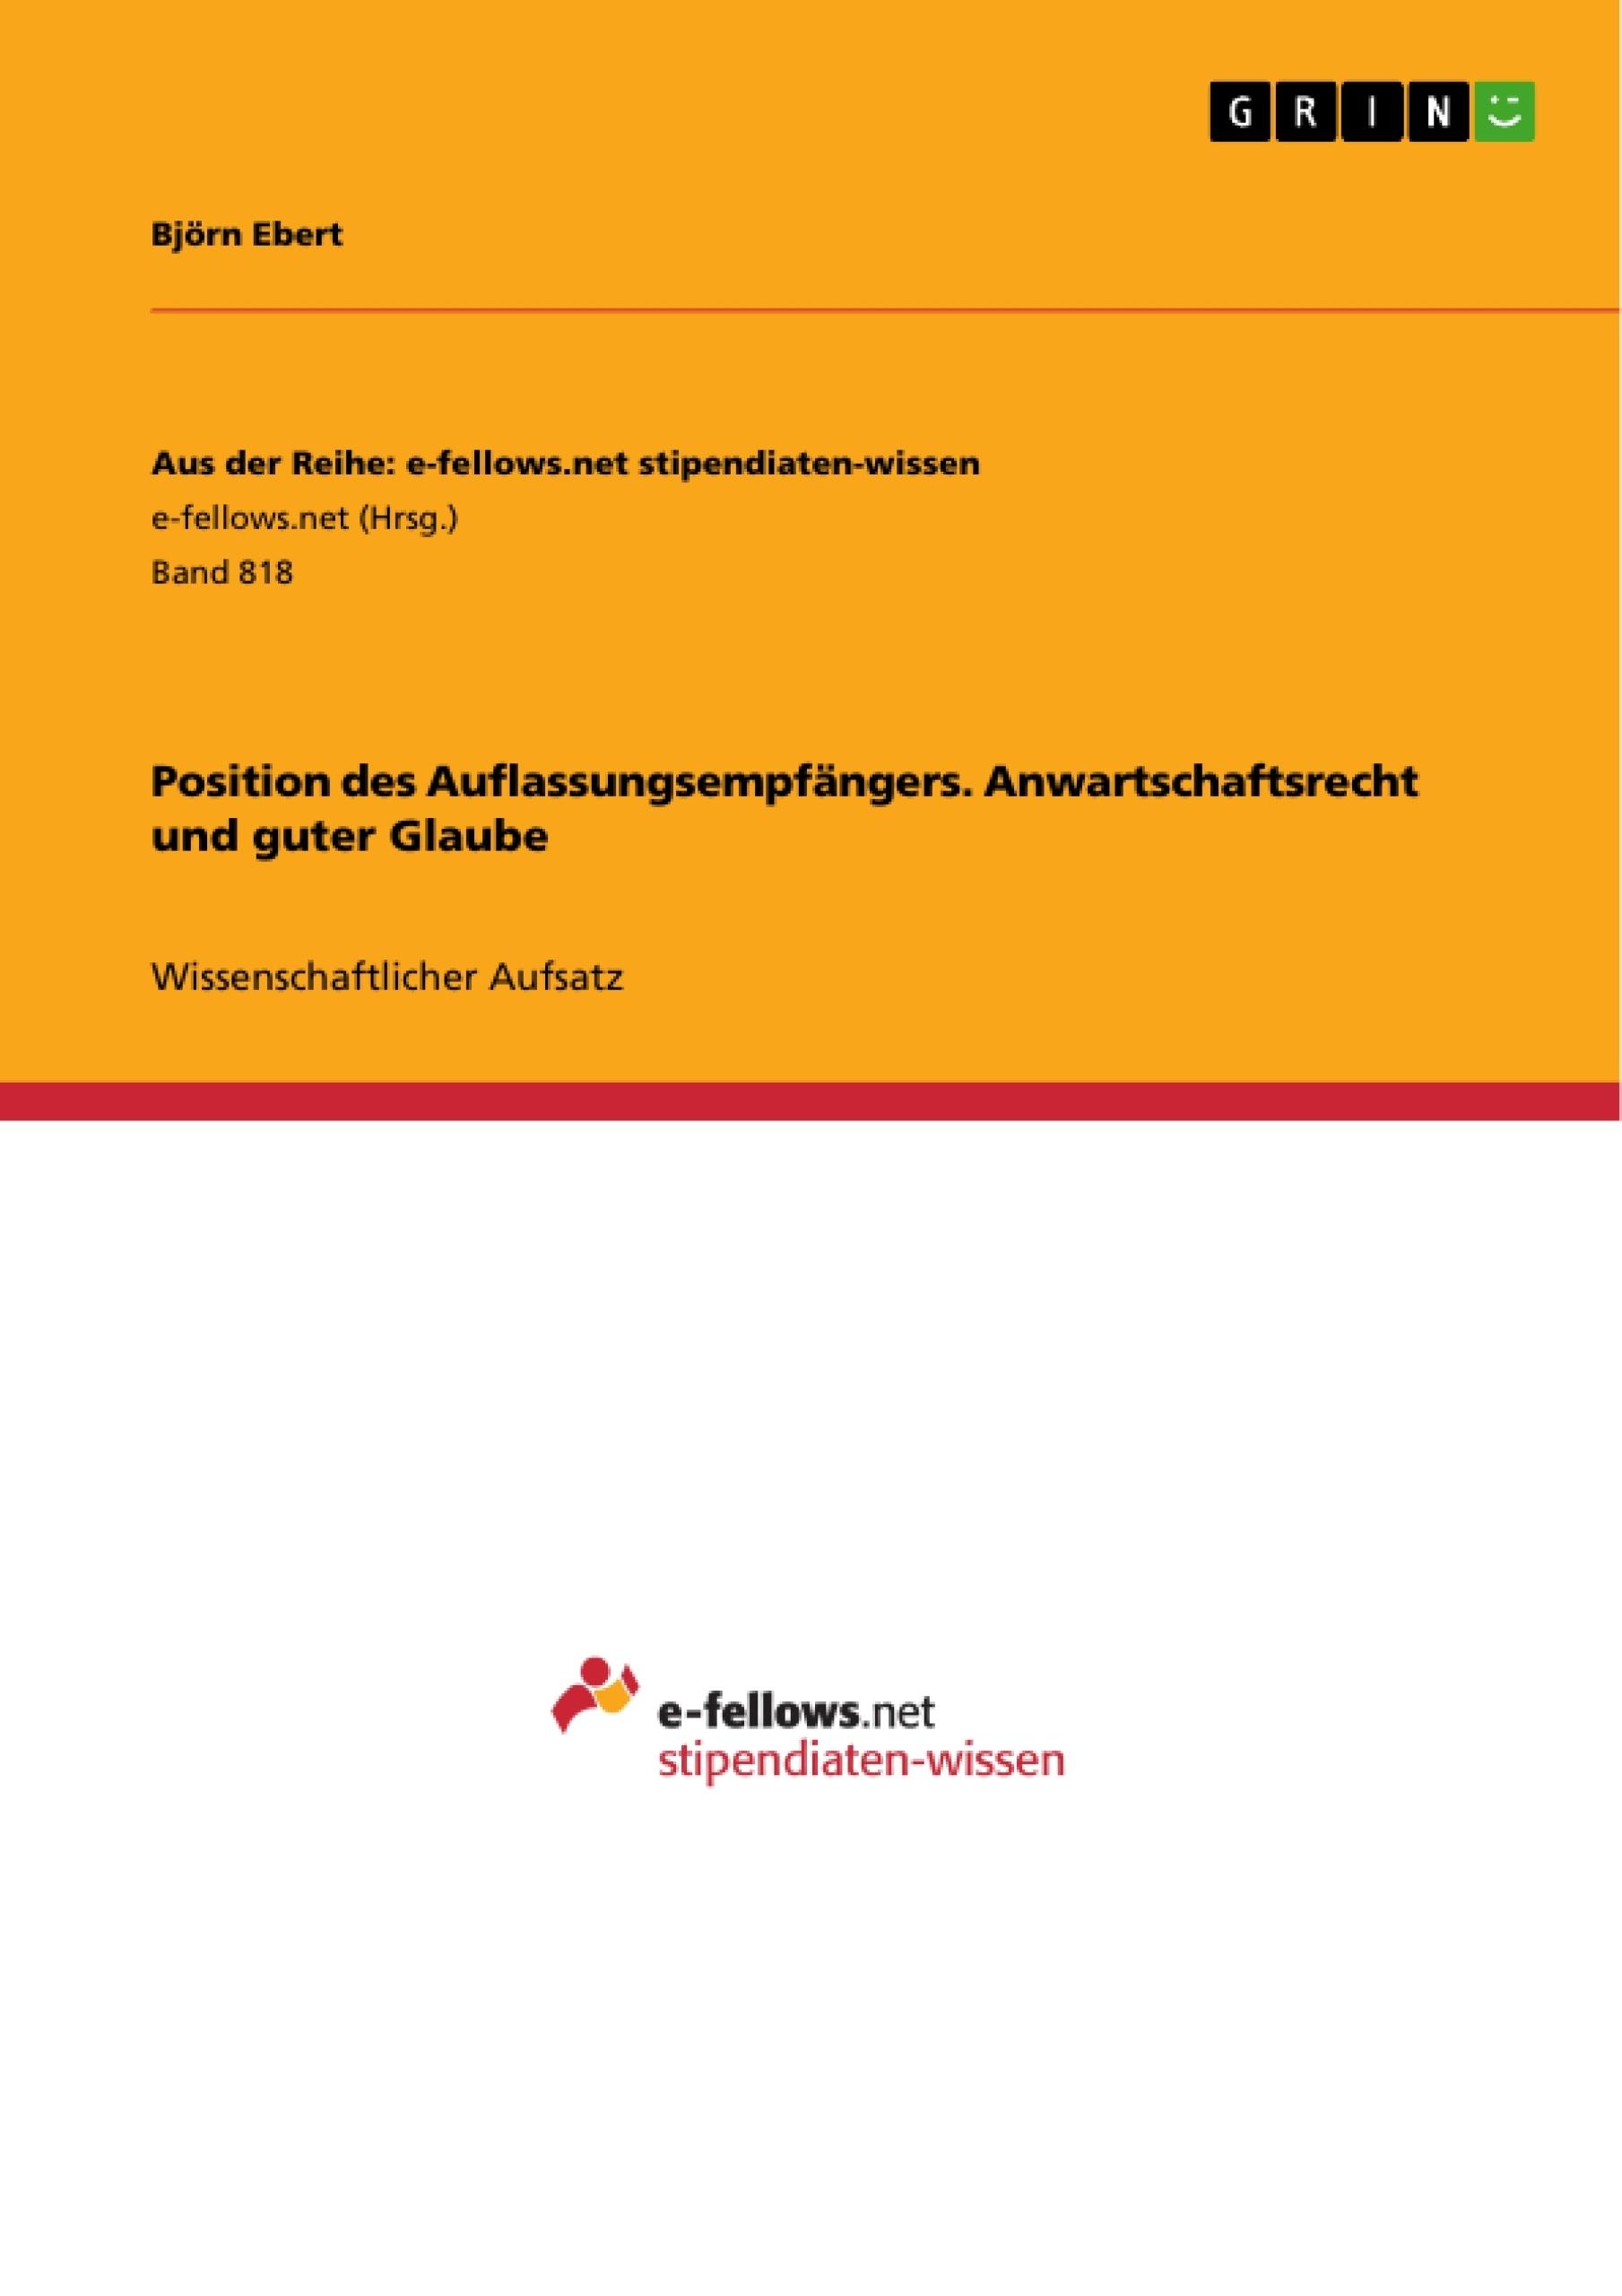 Titel: Position des Auflassungsempfängers. Anwartschaftsrecht und guter Glaube